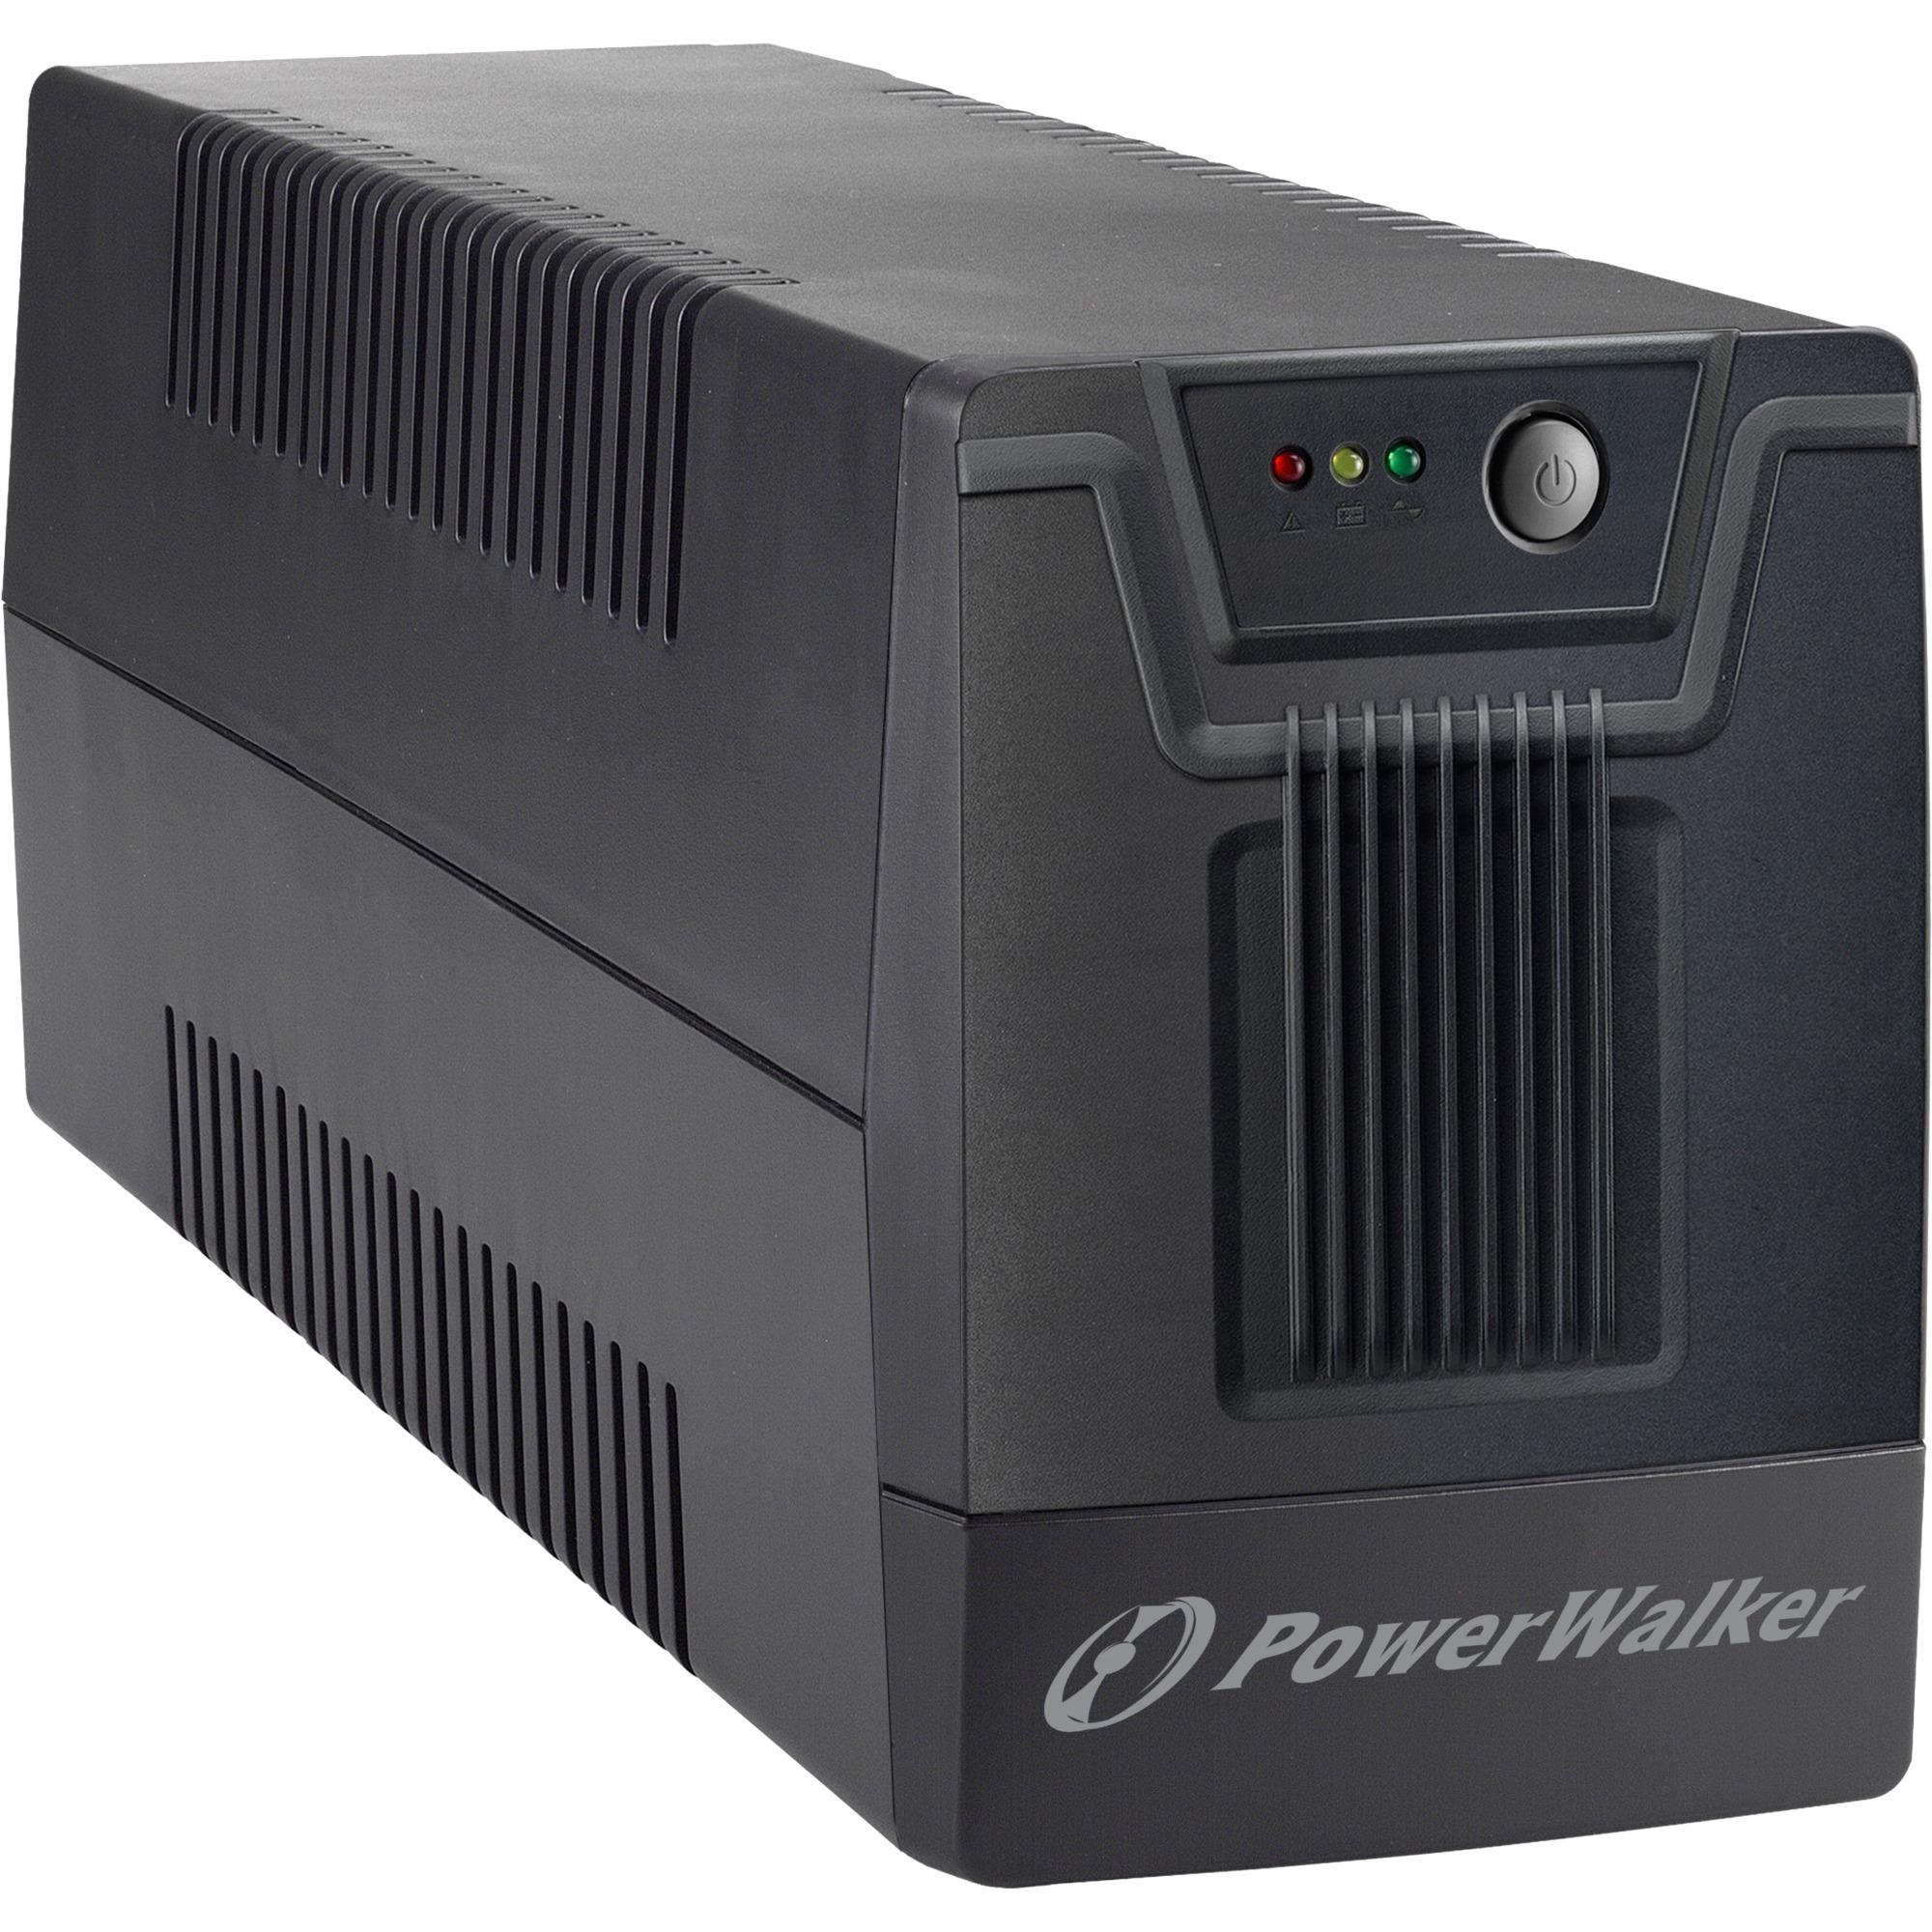 10121027 sistema de alimentación ininterrumpida (UPS) Línea interactiva 1500 VA 900 W 4 salidas AC